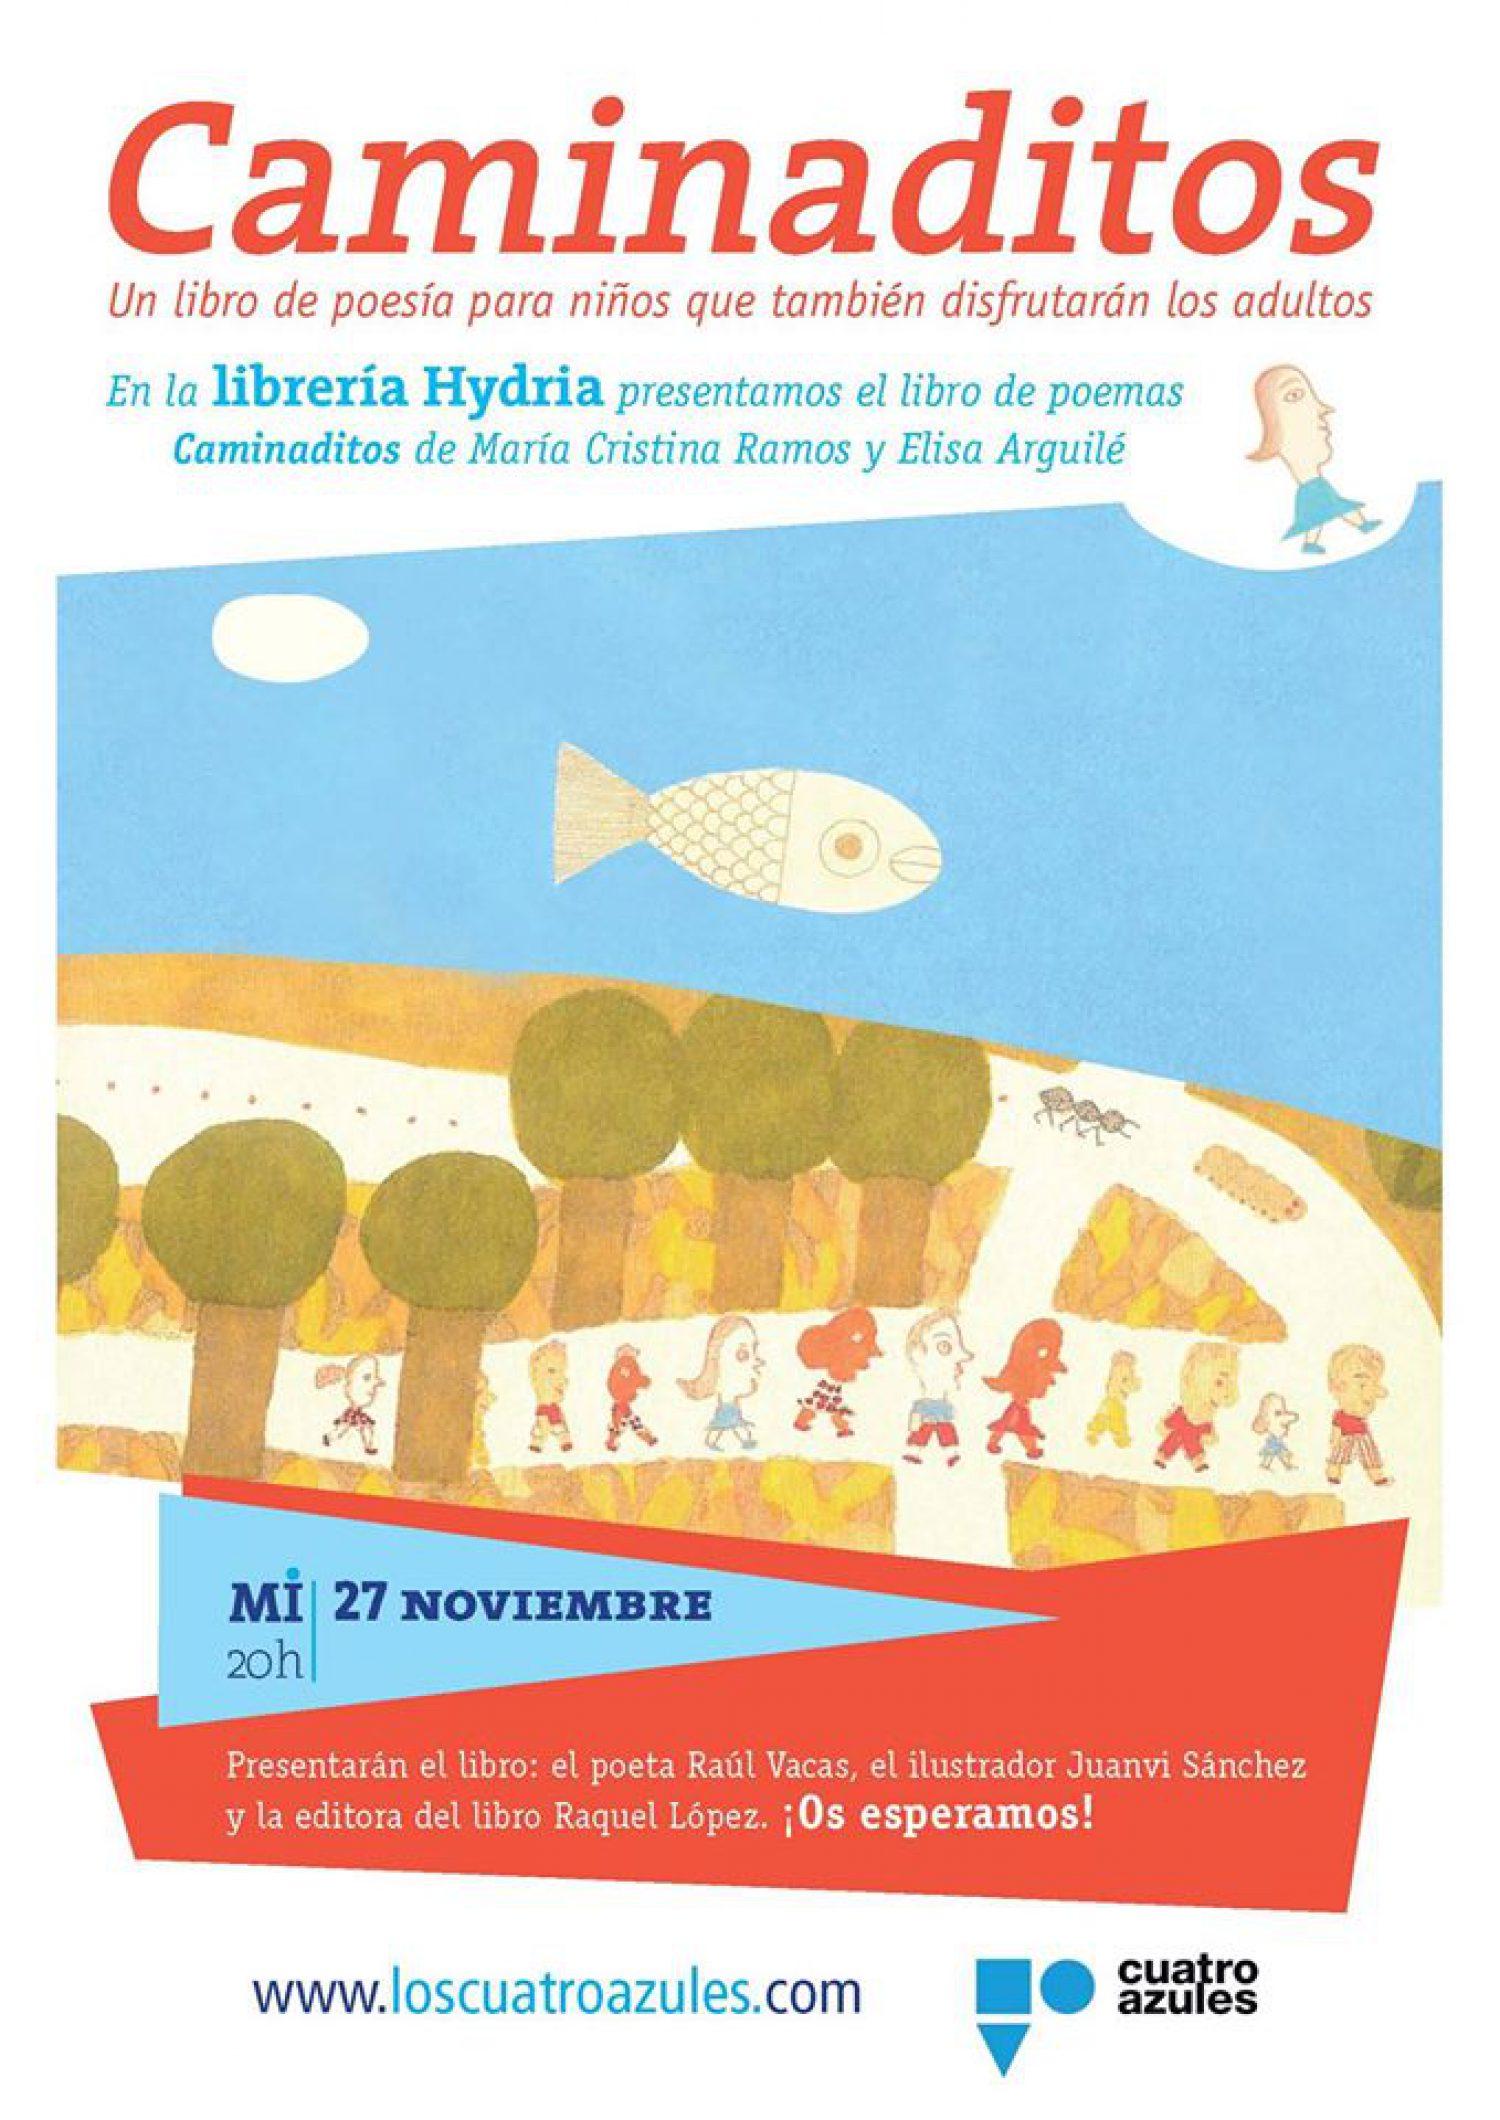 Presentación de Caminaditos en la librería Hydria